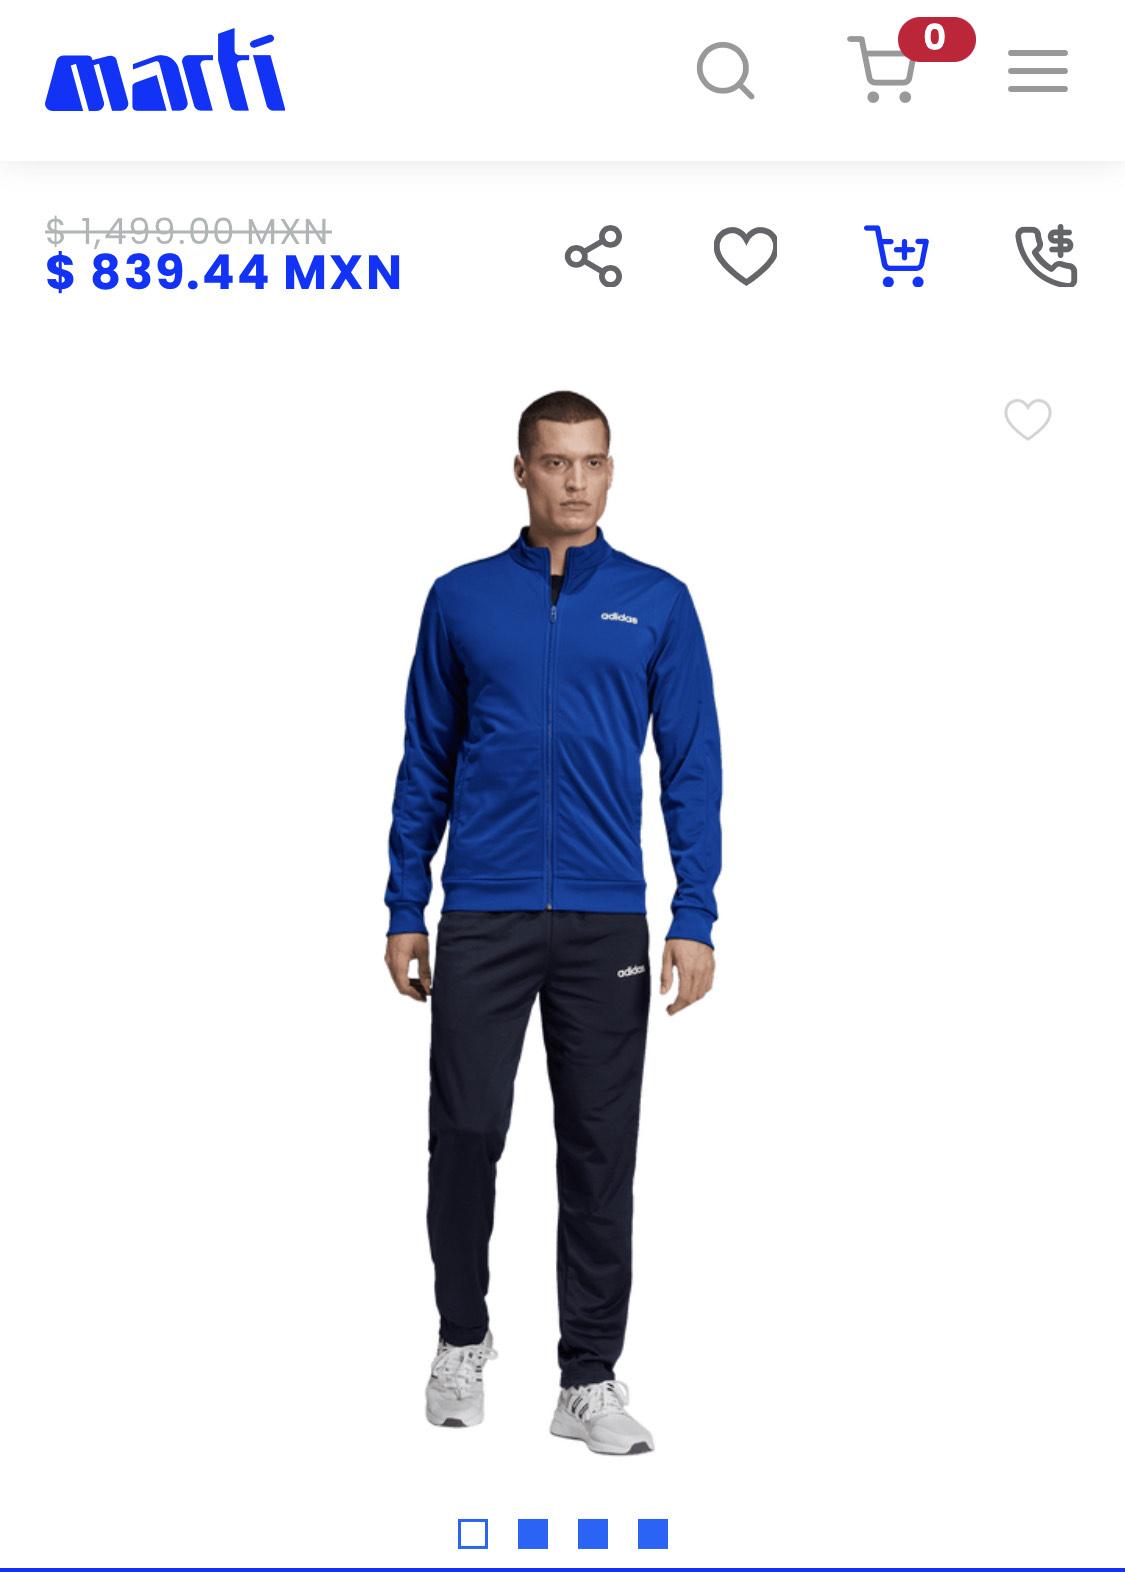 Marti: Conjunto deportivo Adidas essentials Basics para hombre